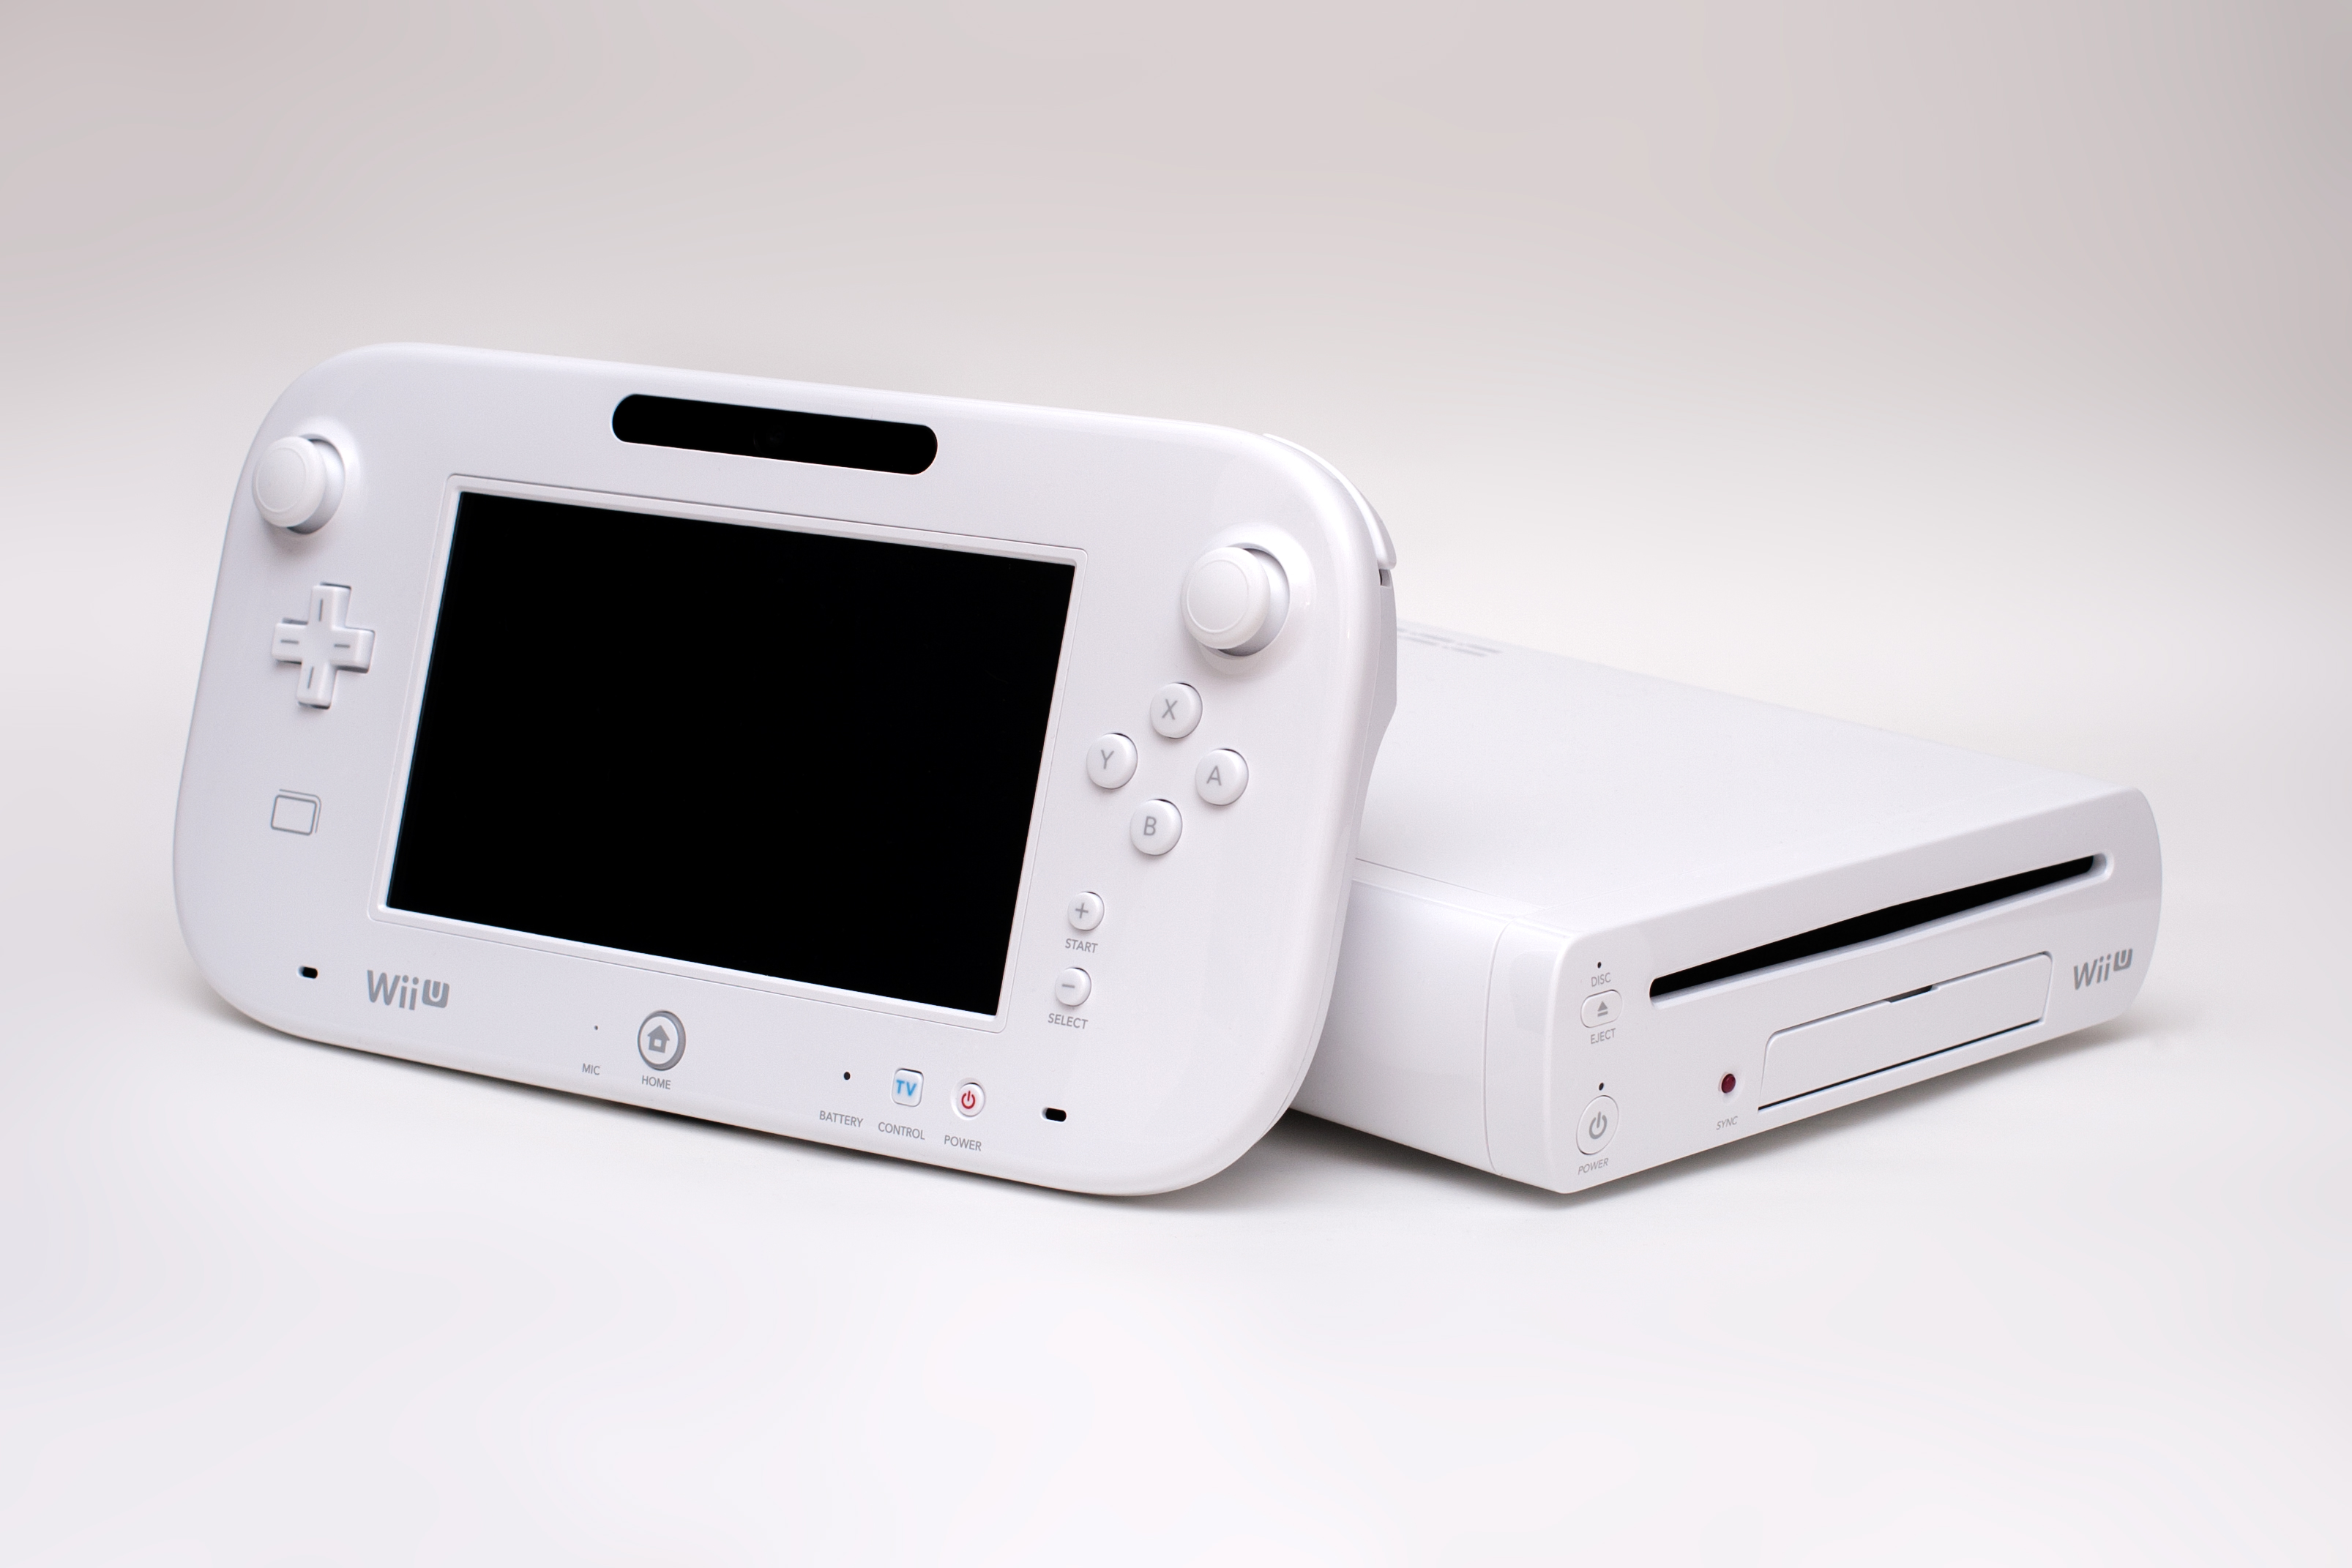 The Wii U Needs a Makeover